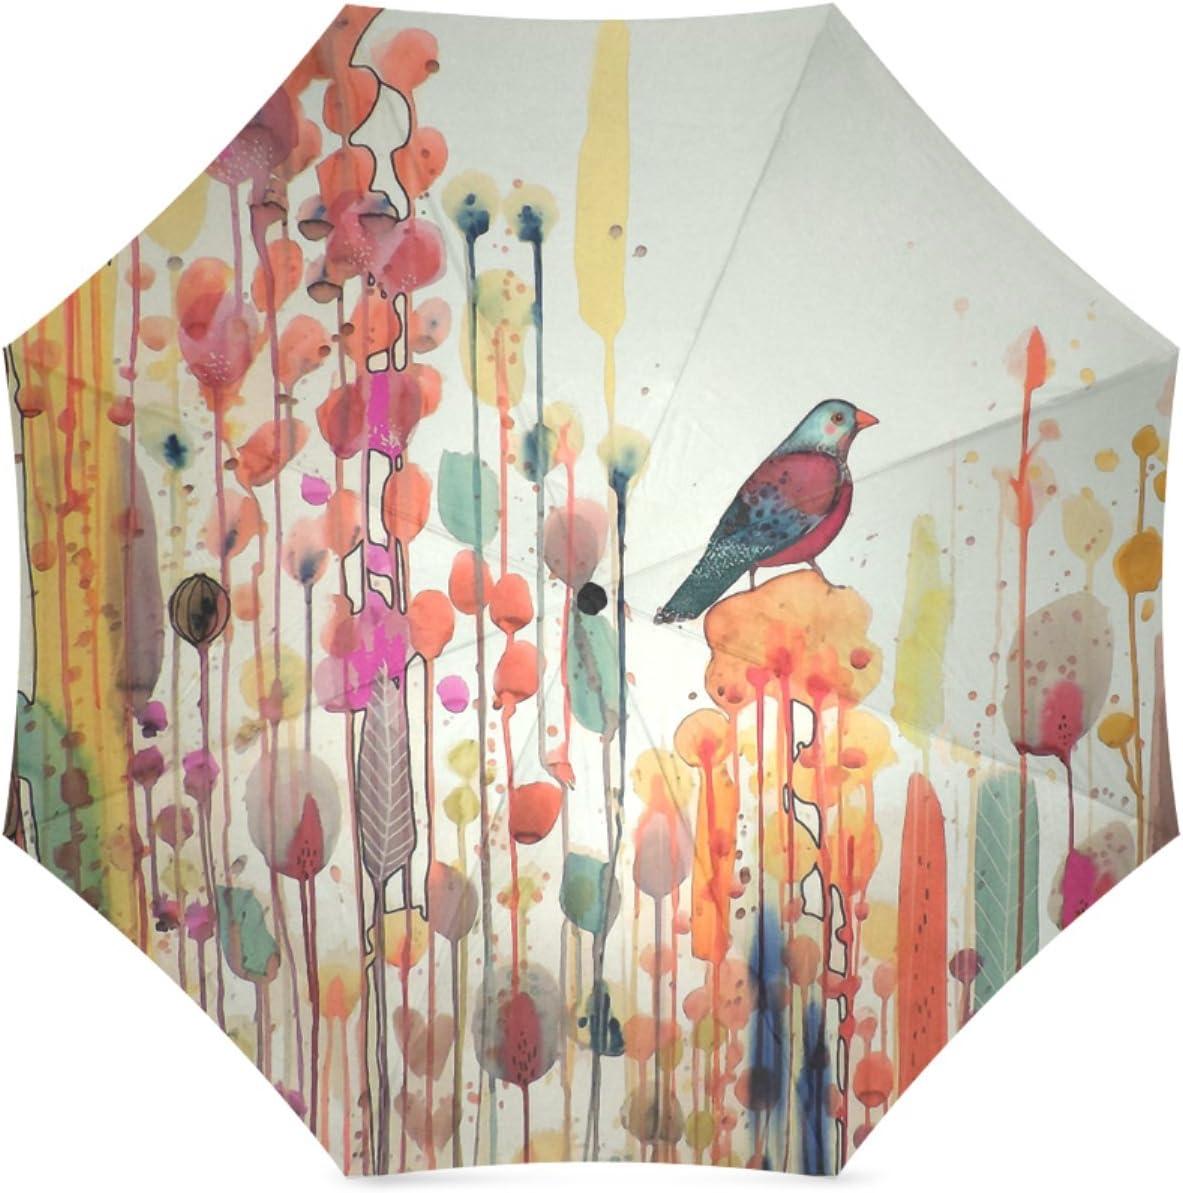 Personalized Joie De Vivre Foldable Raining Umbrella